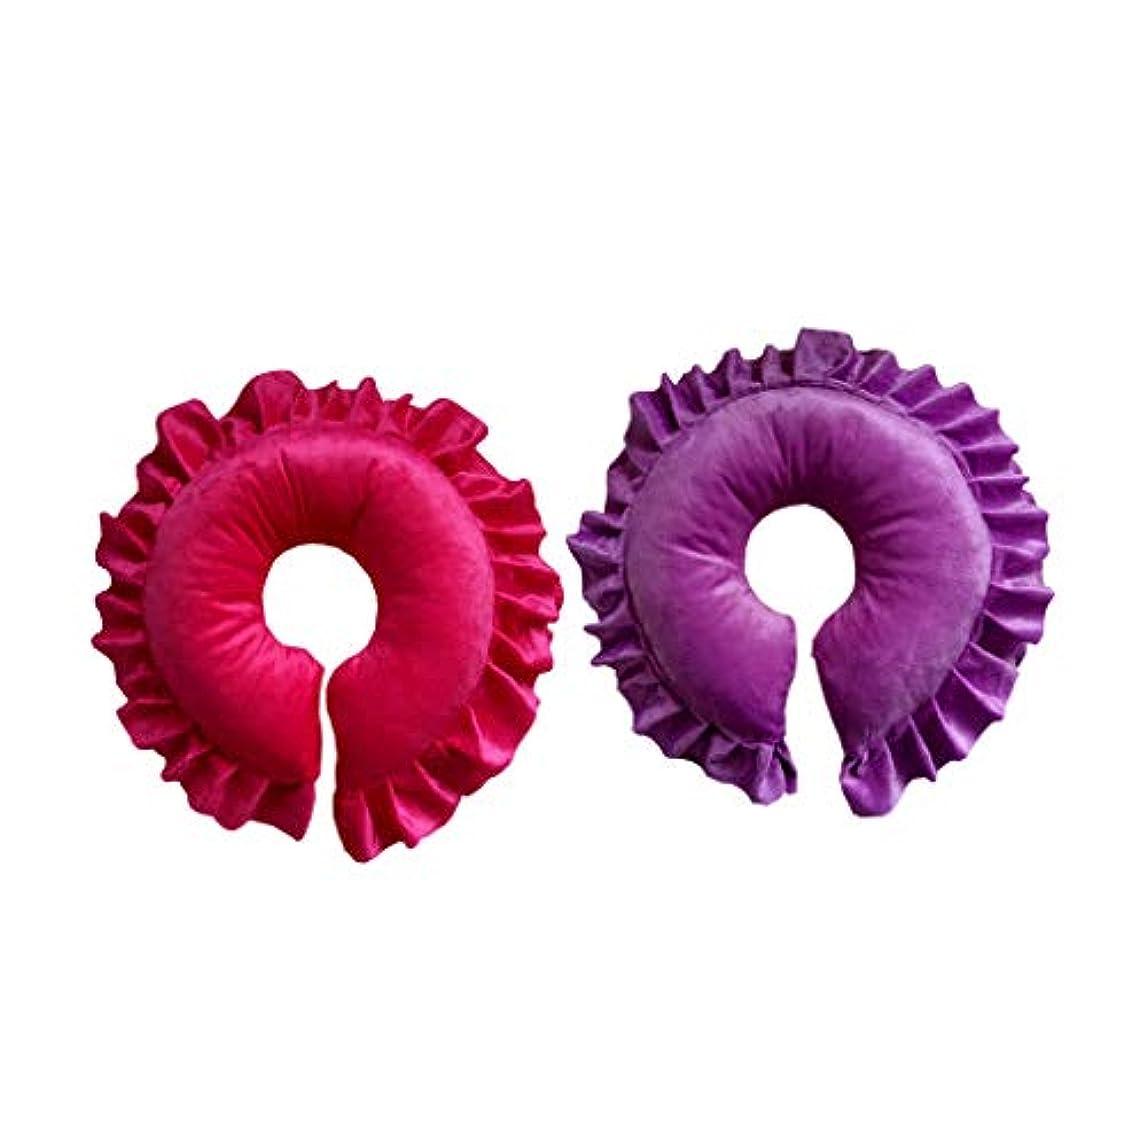 においスイキネマティクスchiwanji フェイスピロー マッサージ枕 クッション サロン スパ 快適 実用的 紫&赤 2個入り